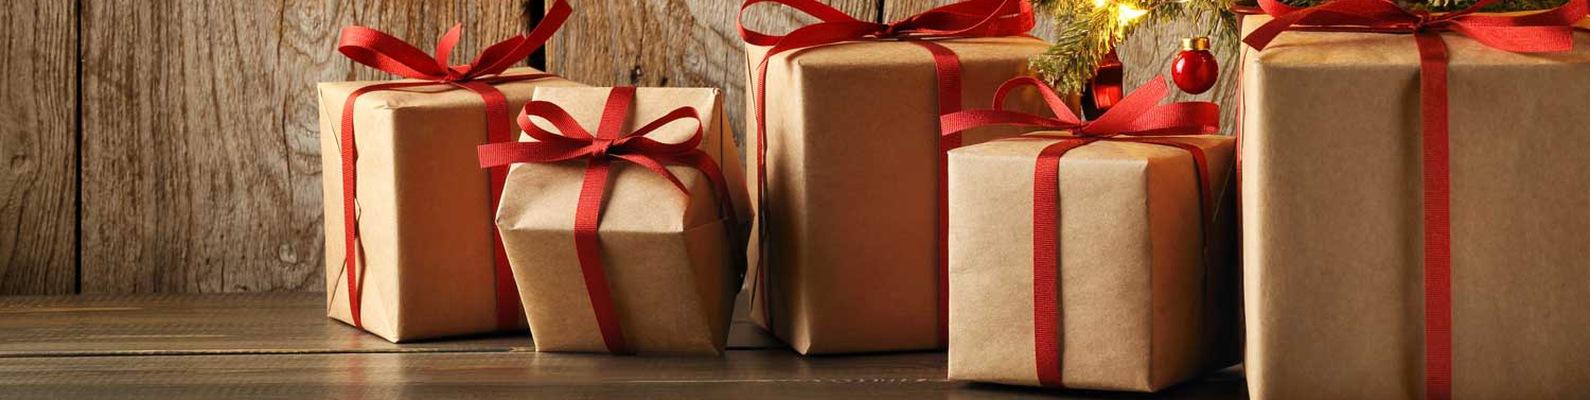 Подарок на 14 февраля рязань курьерские службы доставка цветов